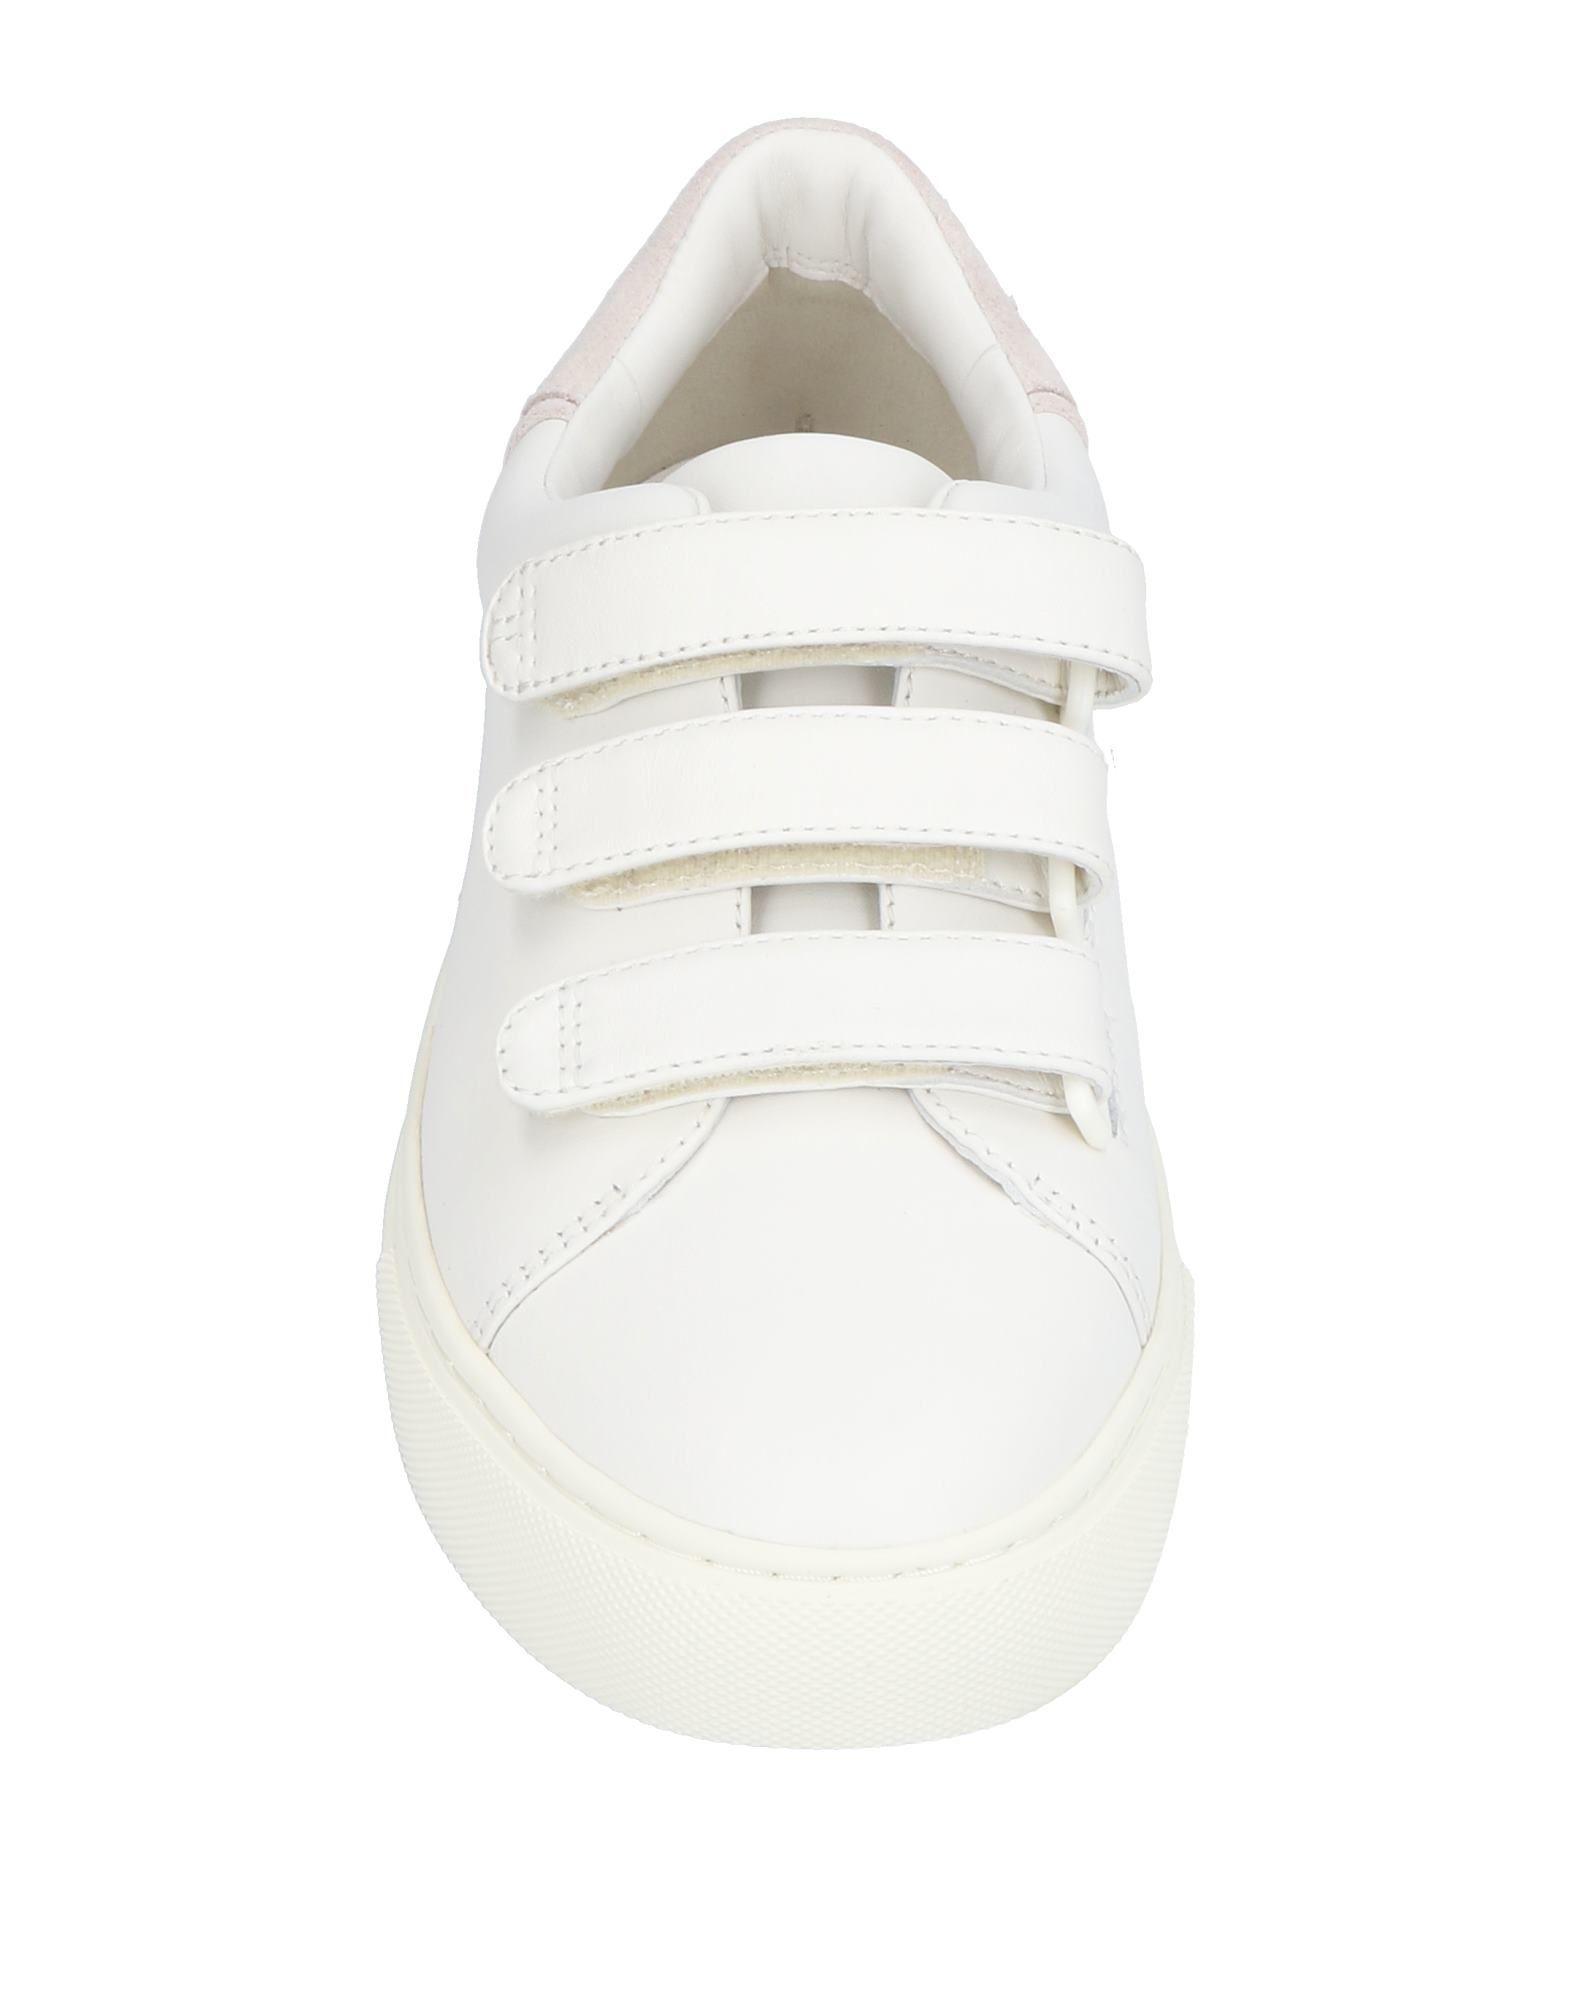 Tory Sport Sneakers es Damen Gutes Preis-Leistungs-Verhältnis, es Sneakers lohnt sich 2283e9